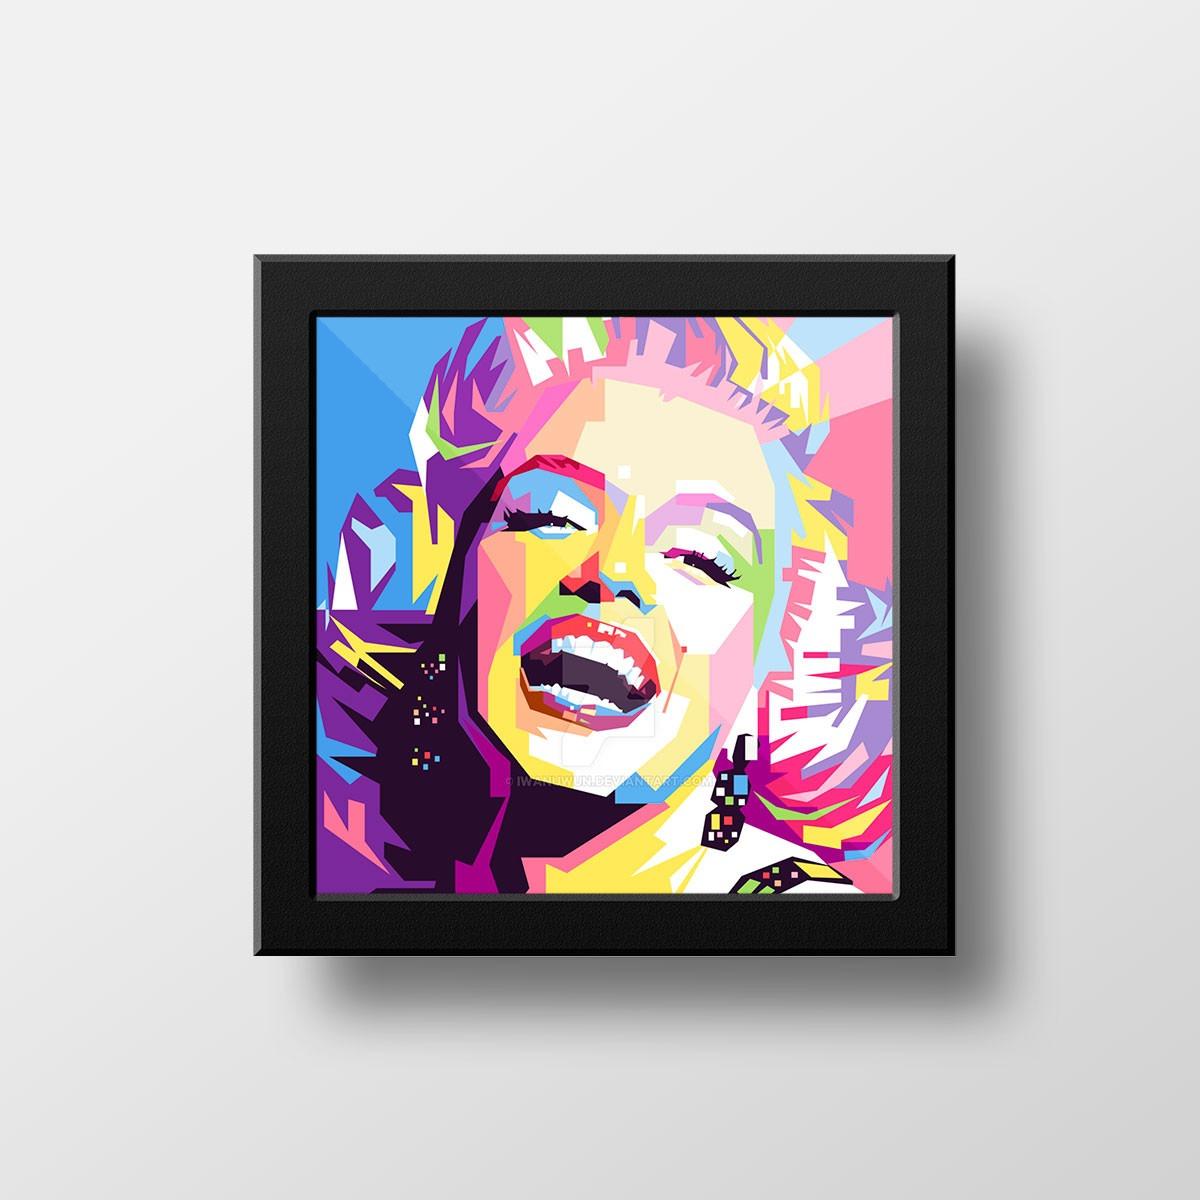 Quadro Marilyn Monroe Popart Decoração Retro Salão De Belez - R$ 29 ...